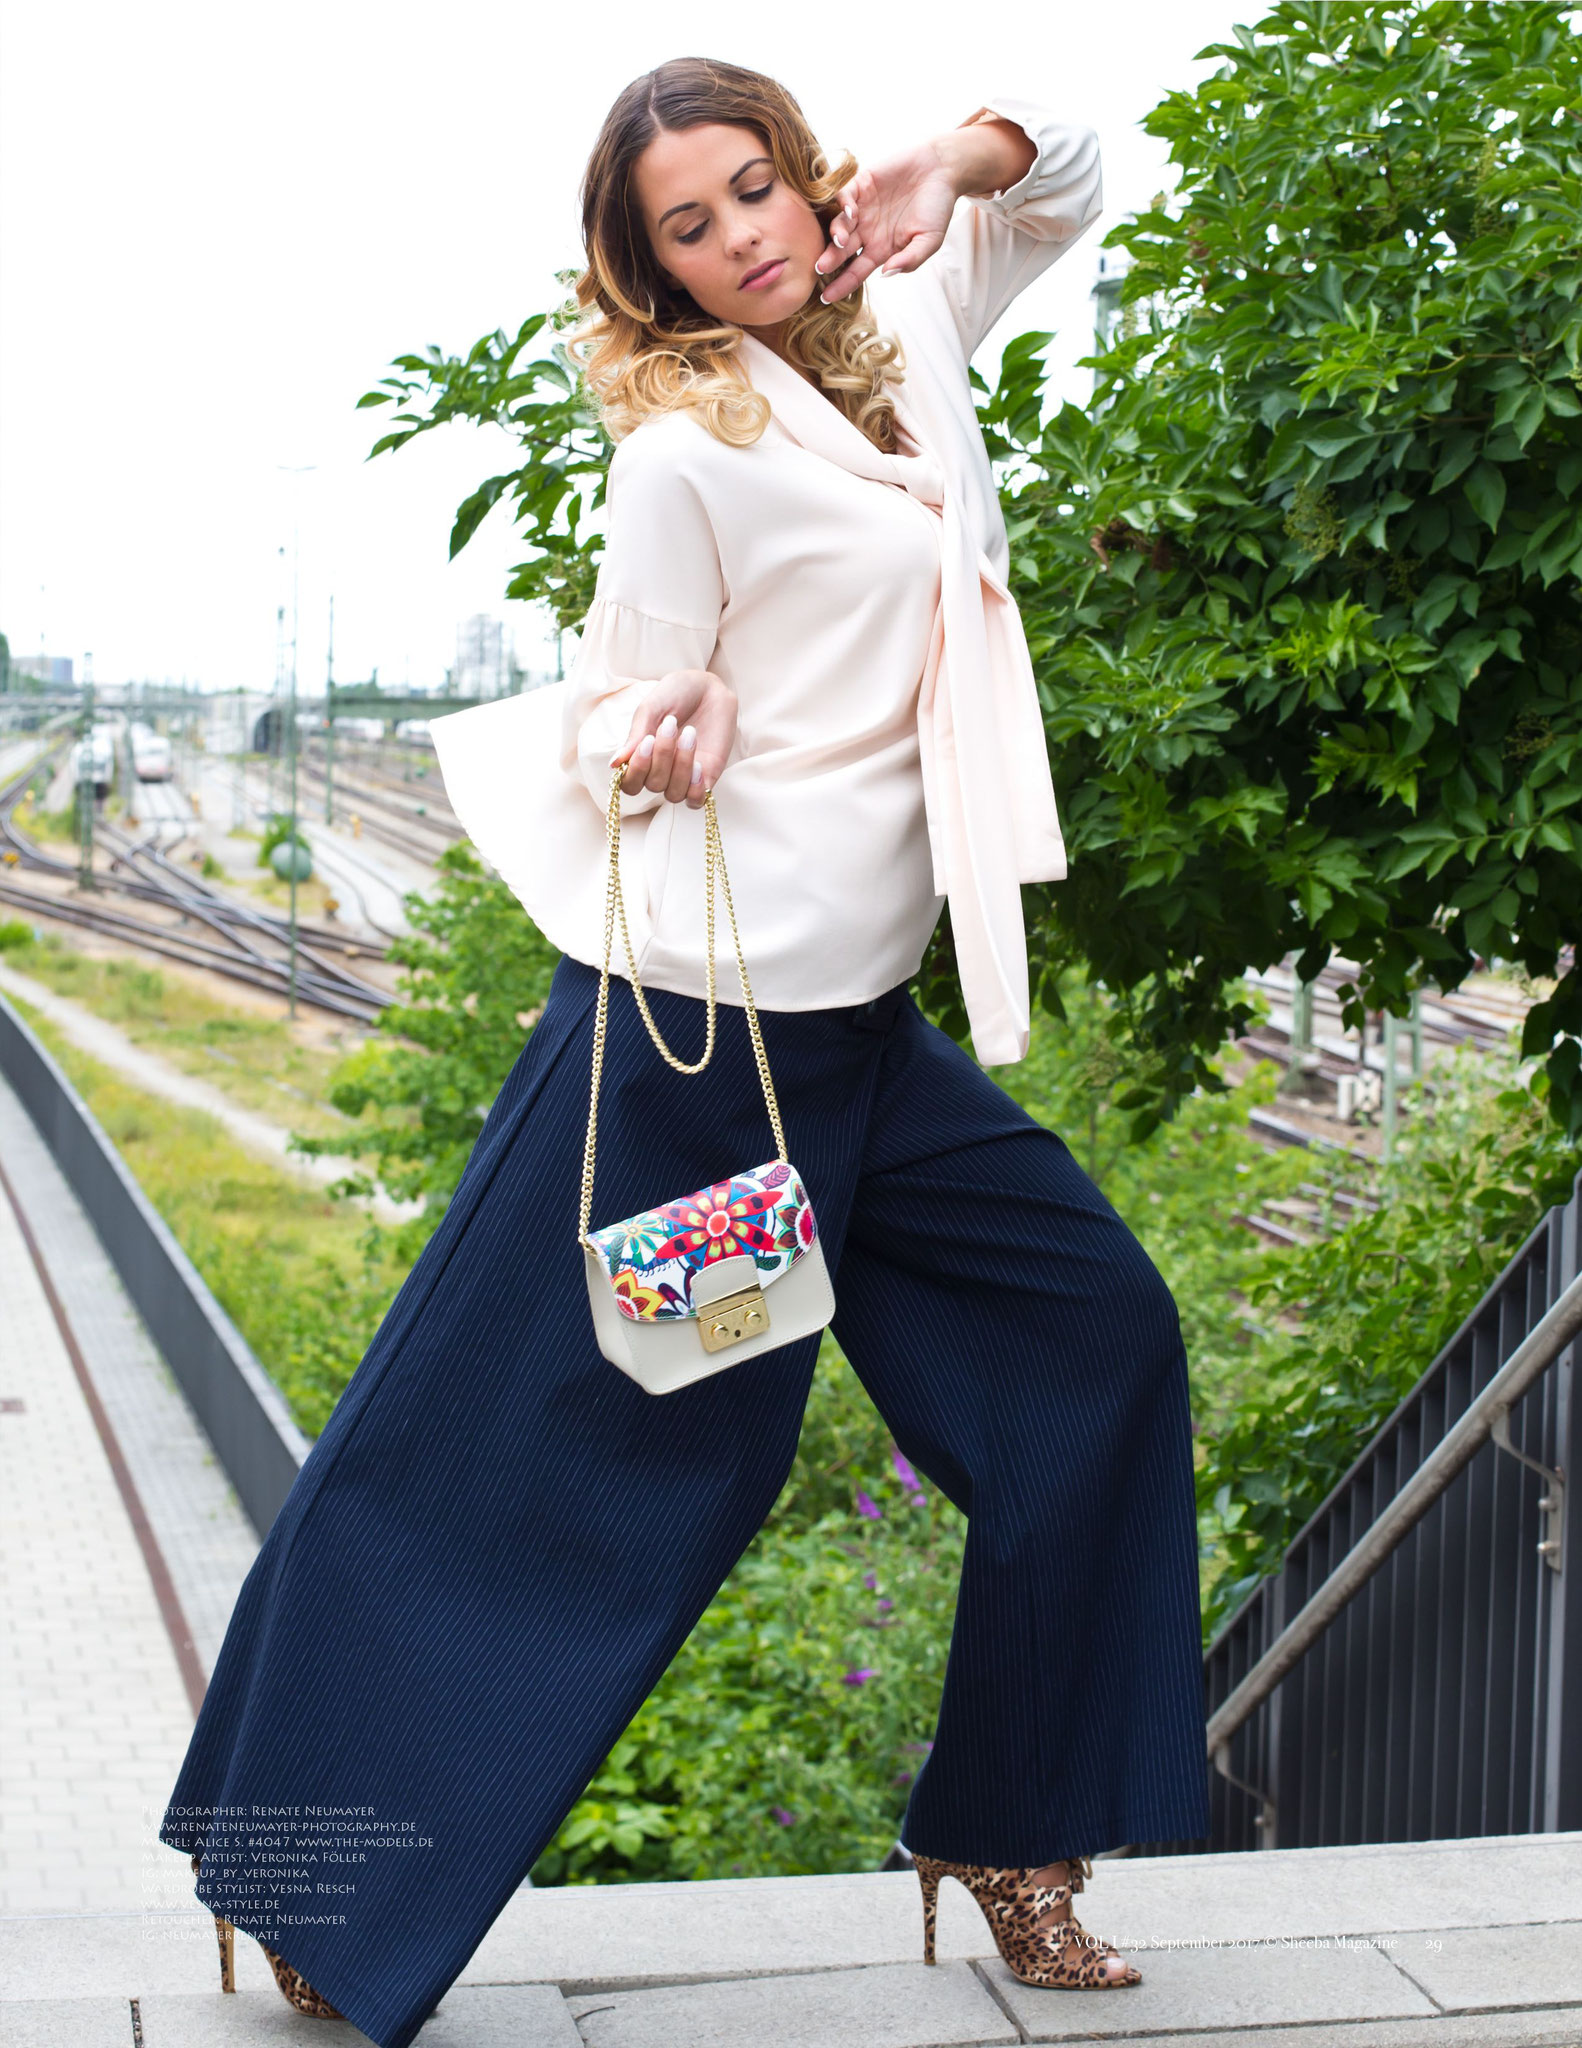 SHEEBA UK, September 2017 VOL I - Fashion Stylist: Vesna Resch